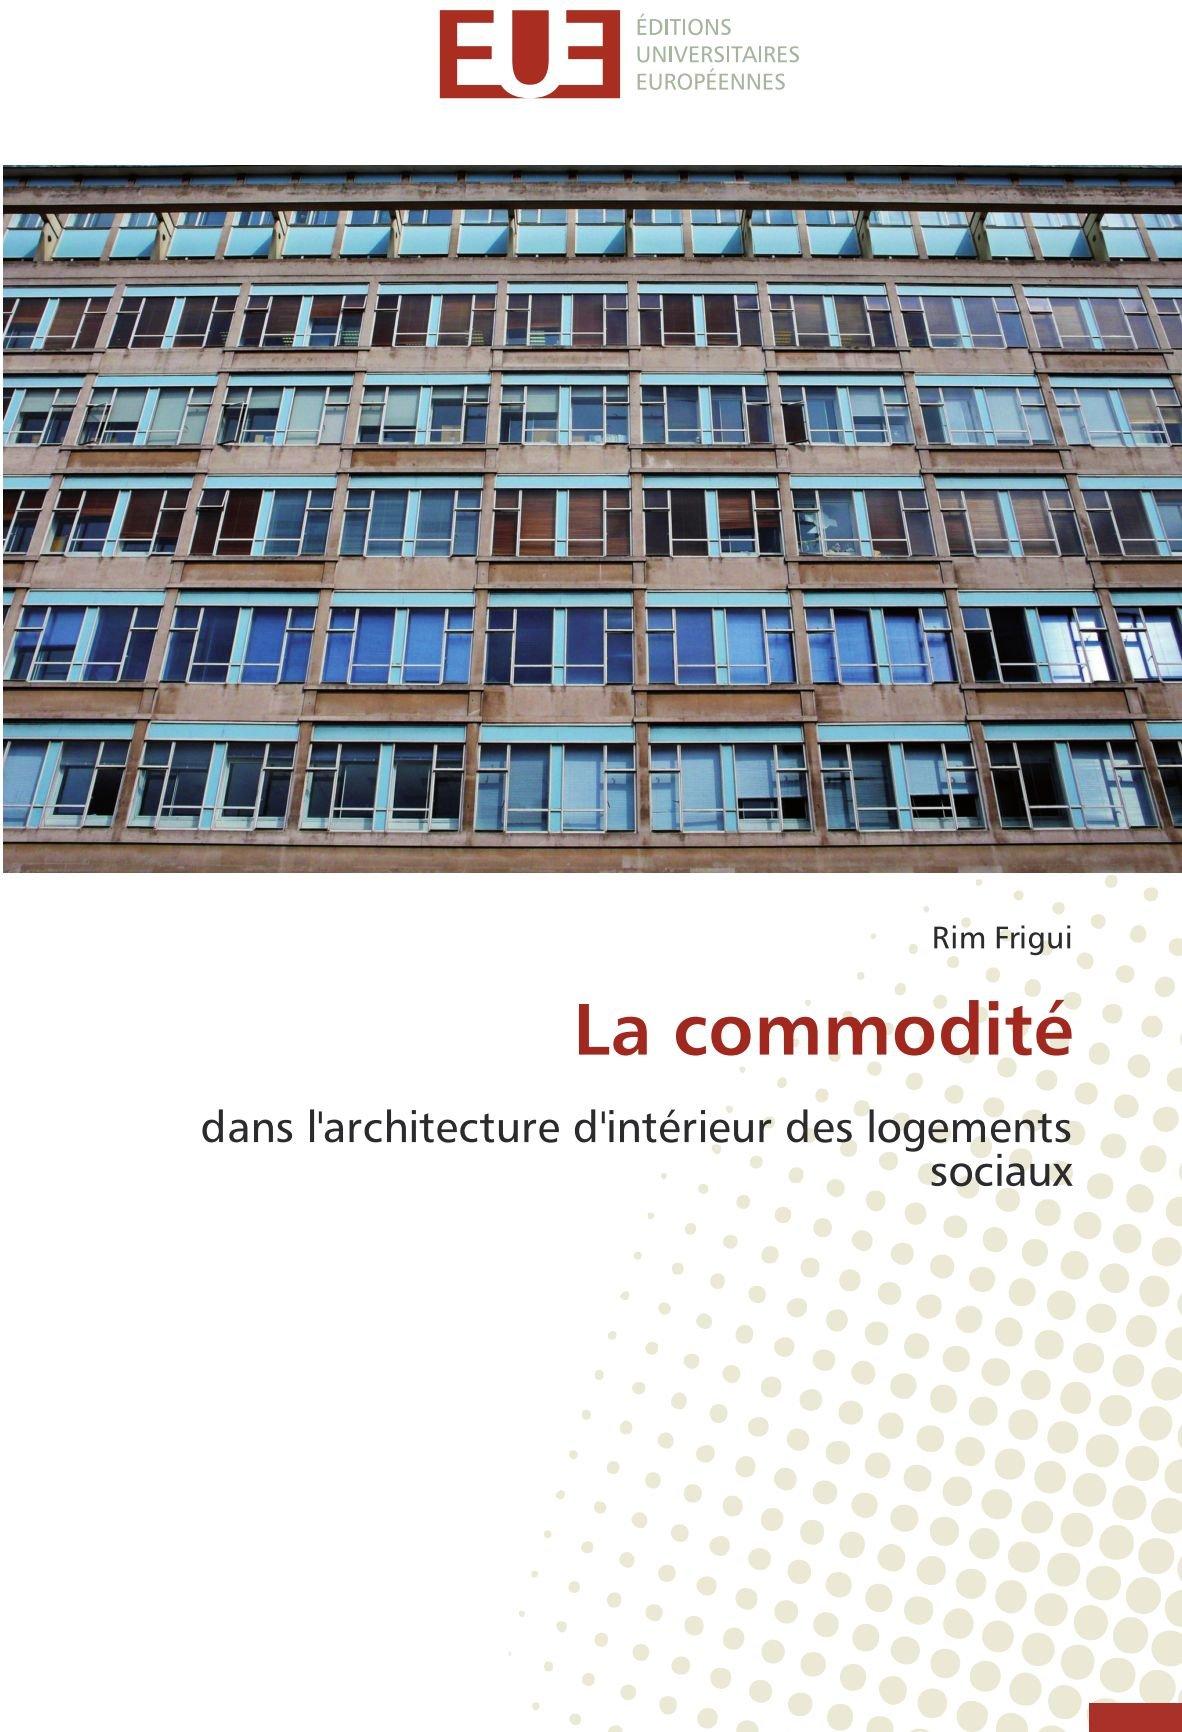 Amazon.fr - La commodité - Rim Frigui - Livres 6ab077a2e411